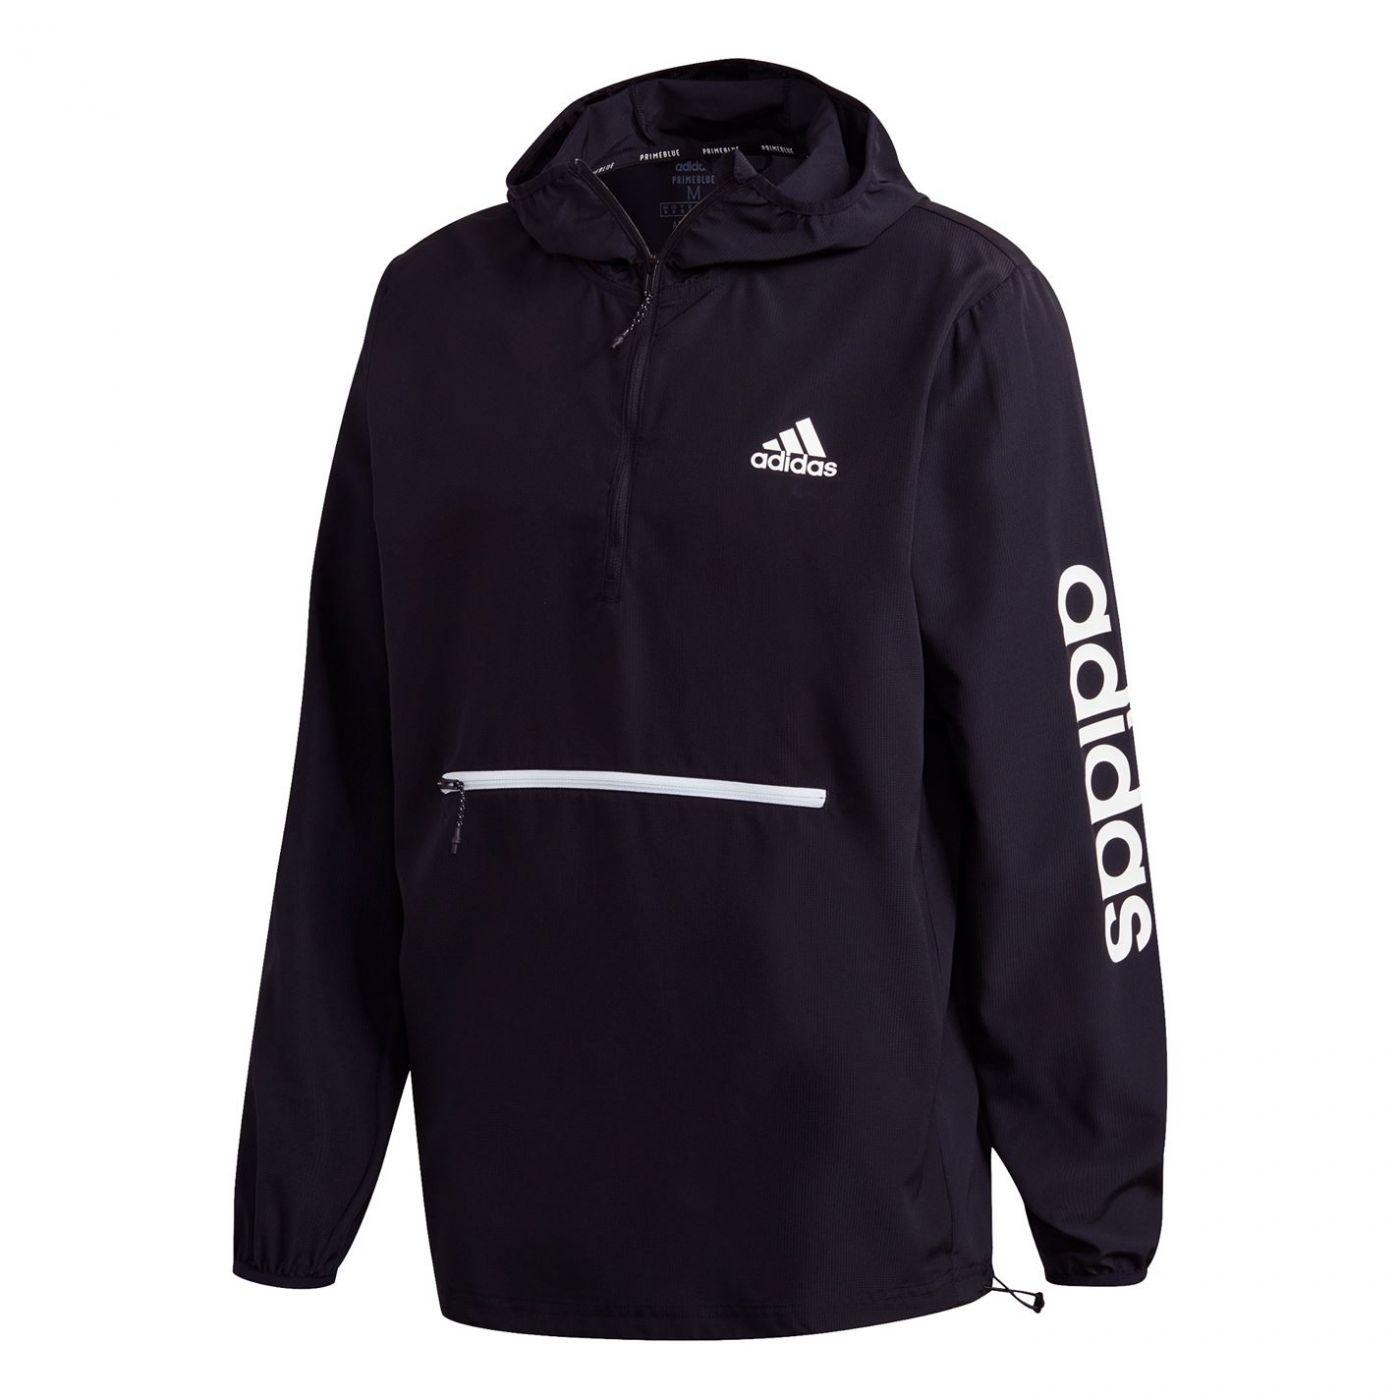 Adidas Aero Ready Jacket Mens